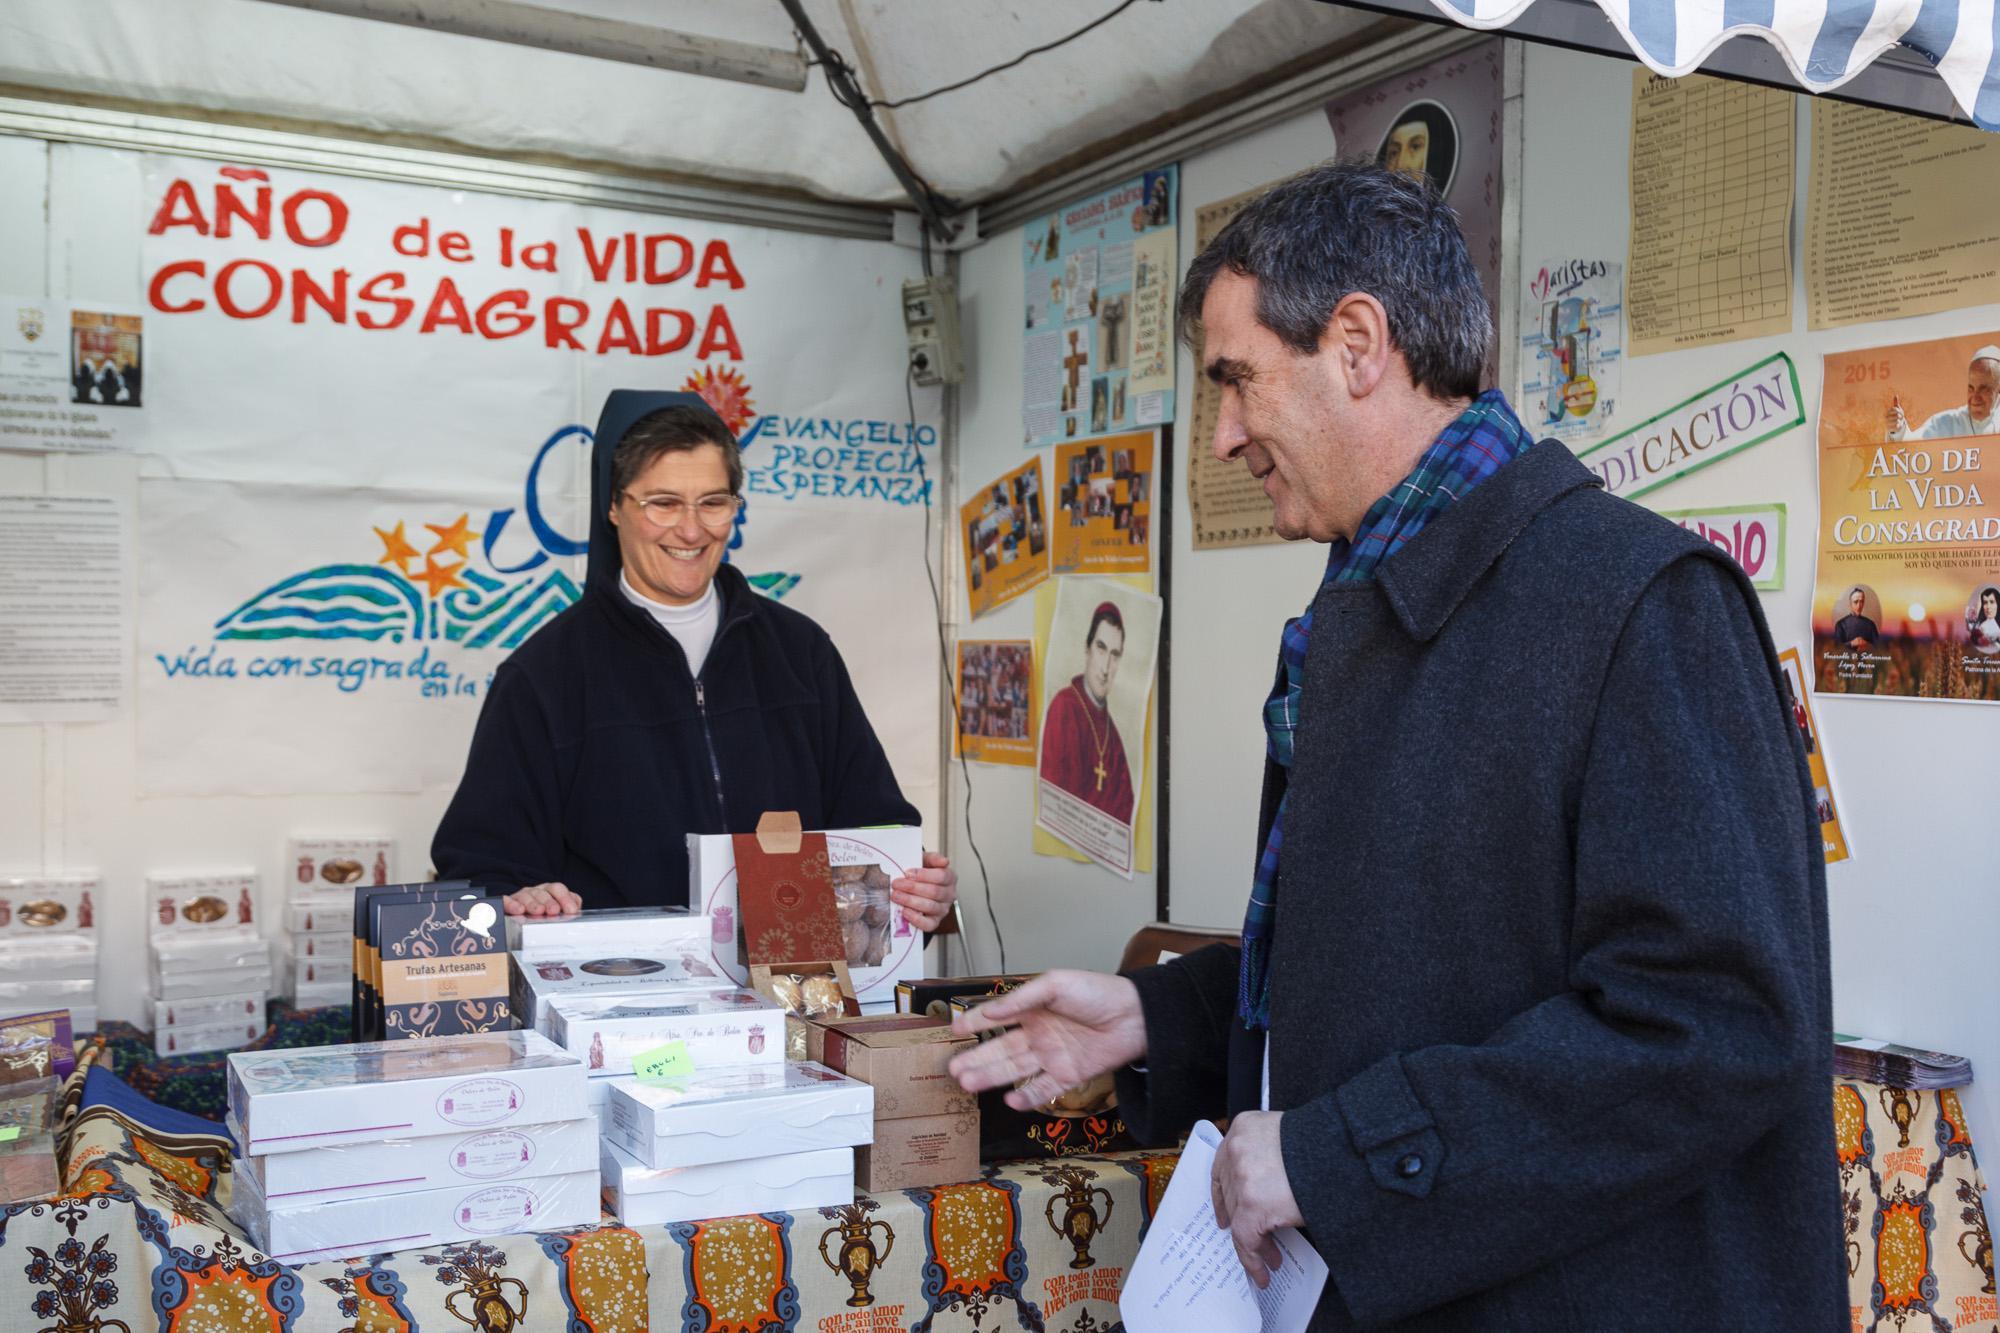 Inauguradas la Feria de Artesanía y el mercado navideño en el centro histórico de la ciudad